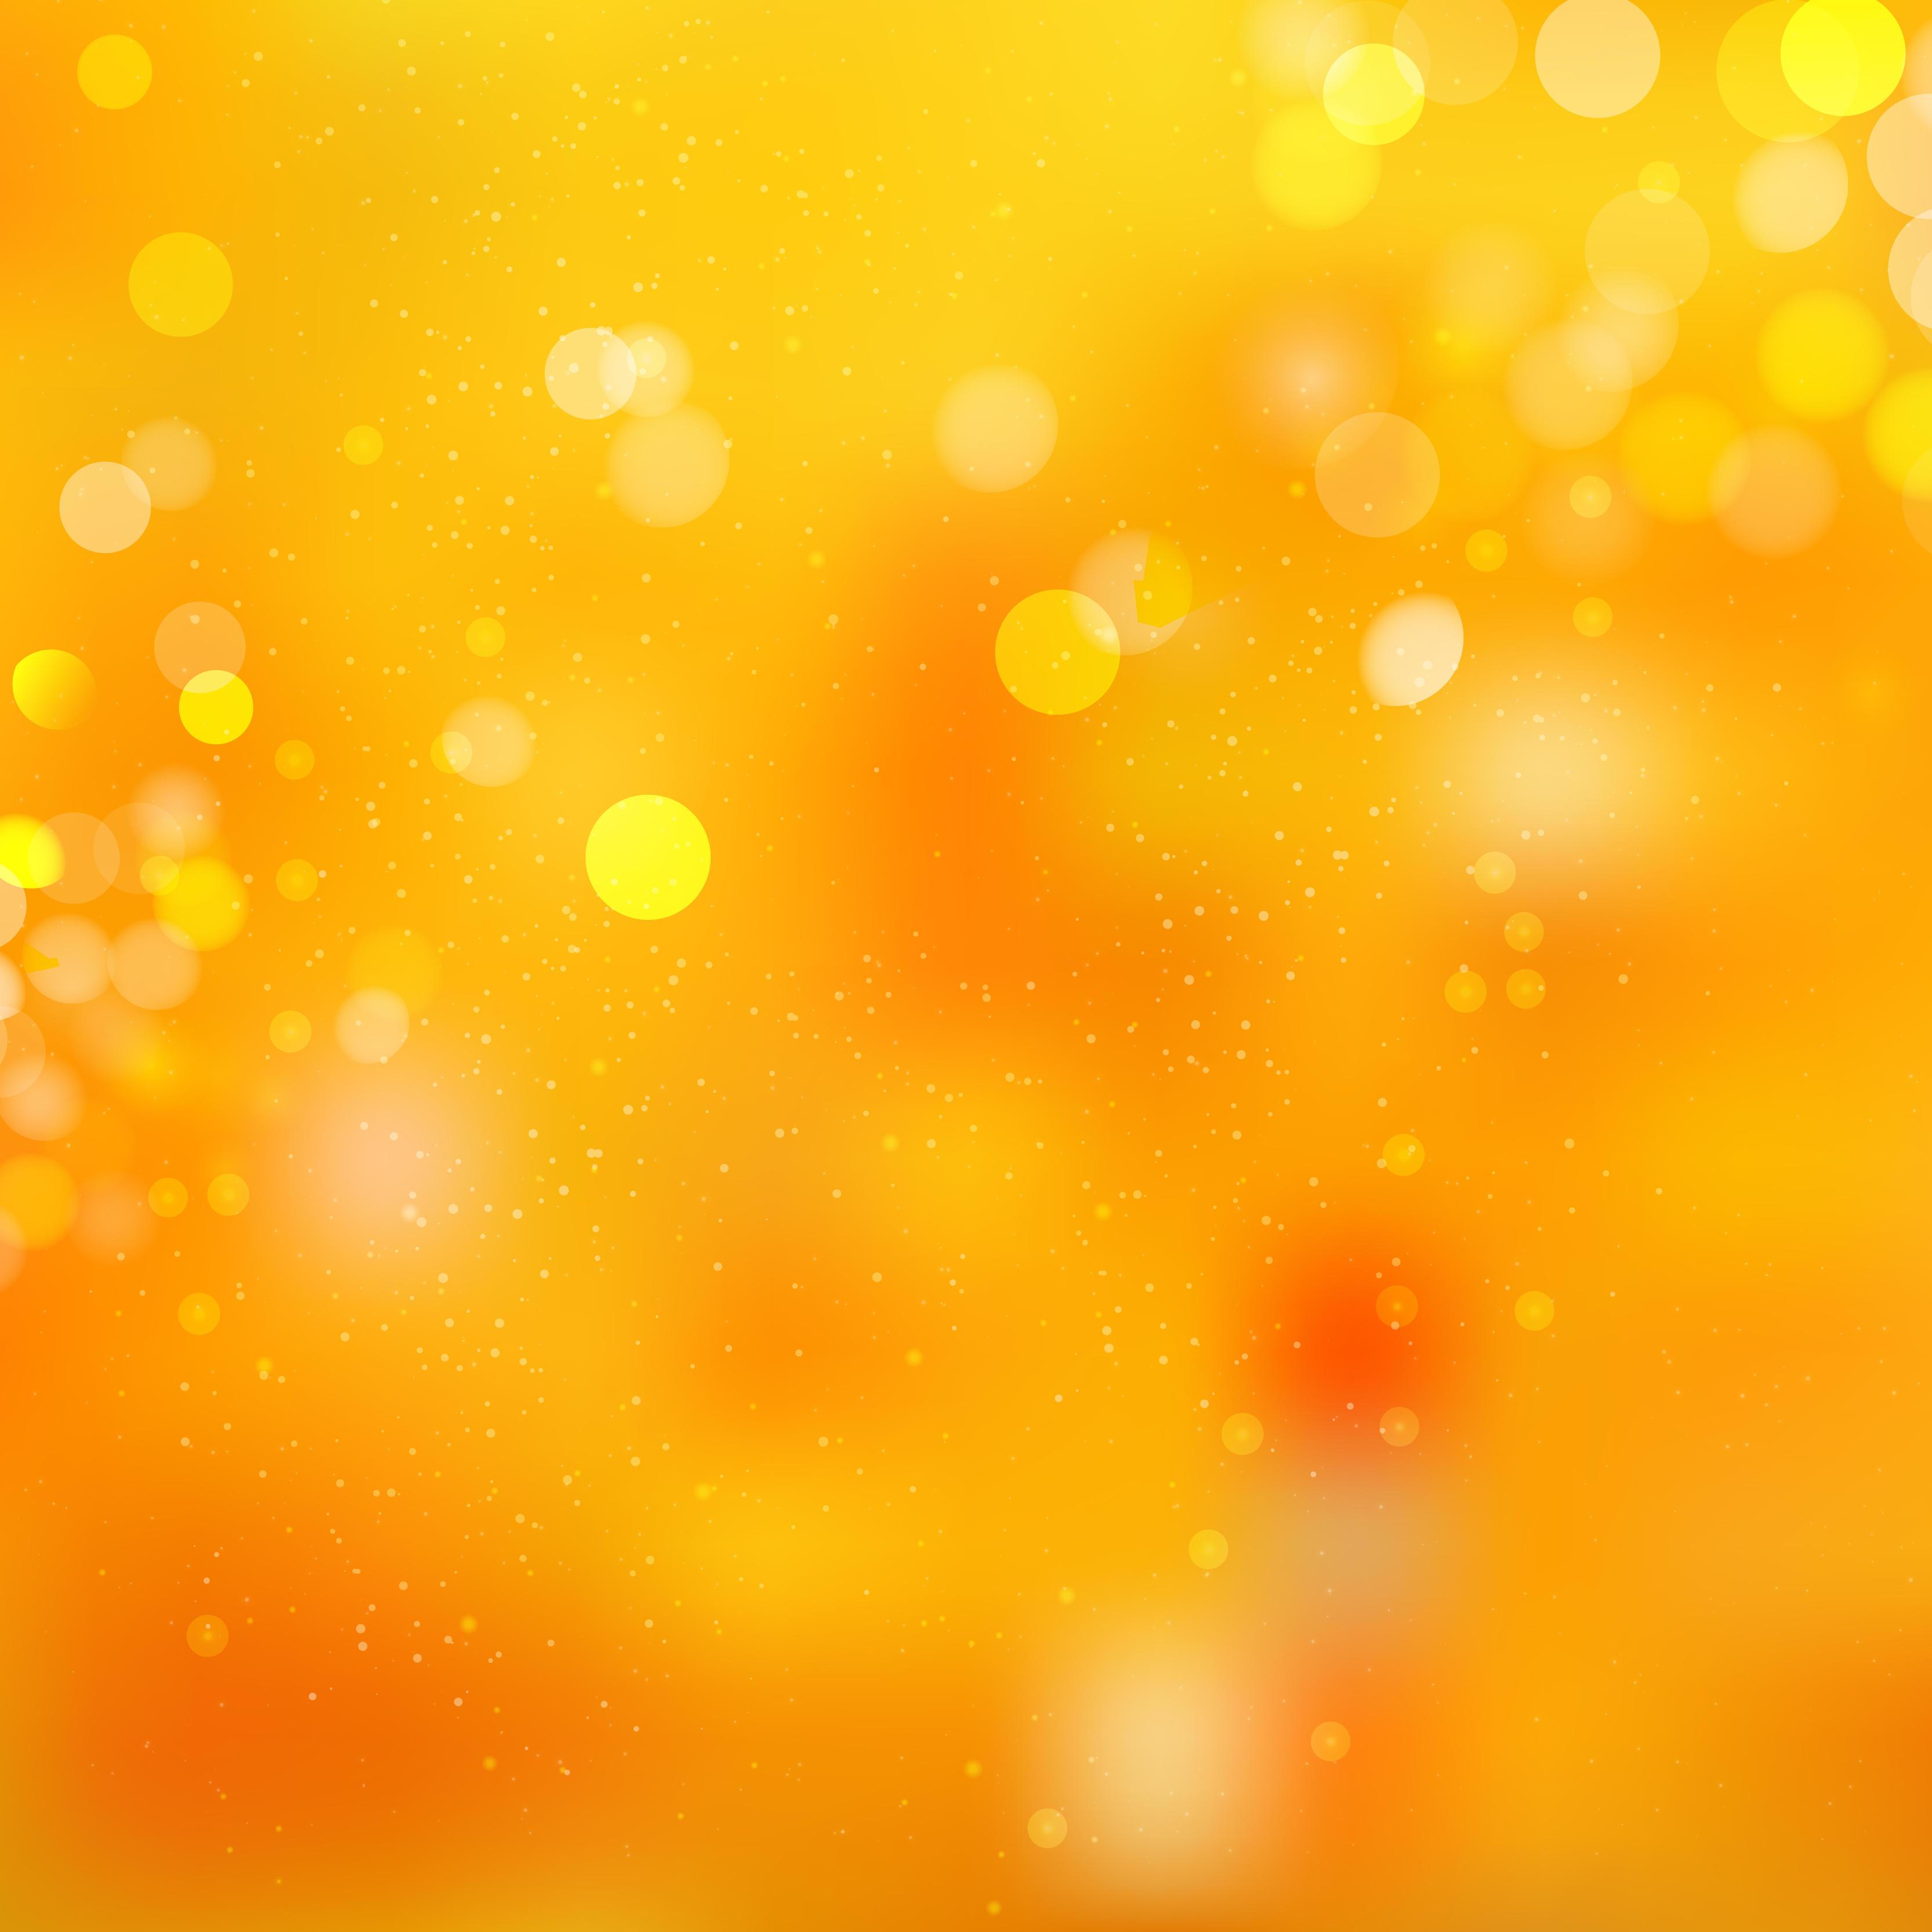 Blurred Orange Background Illustrator | 123Freevectors for Background Pattern Light Orange  49jwn